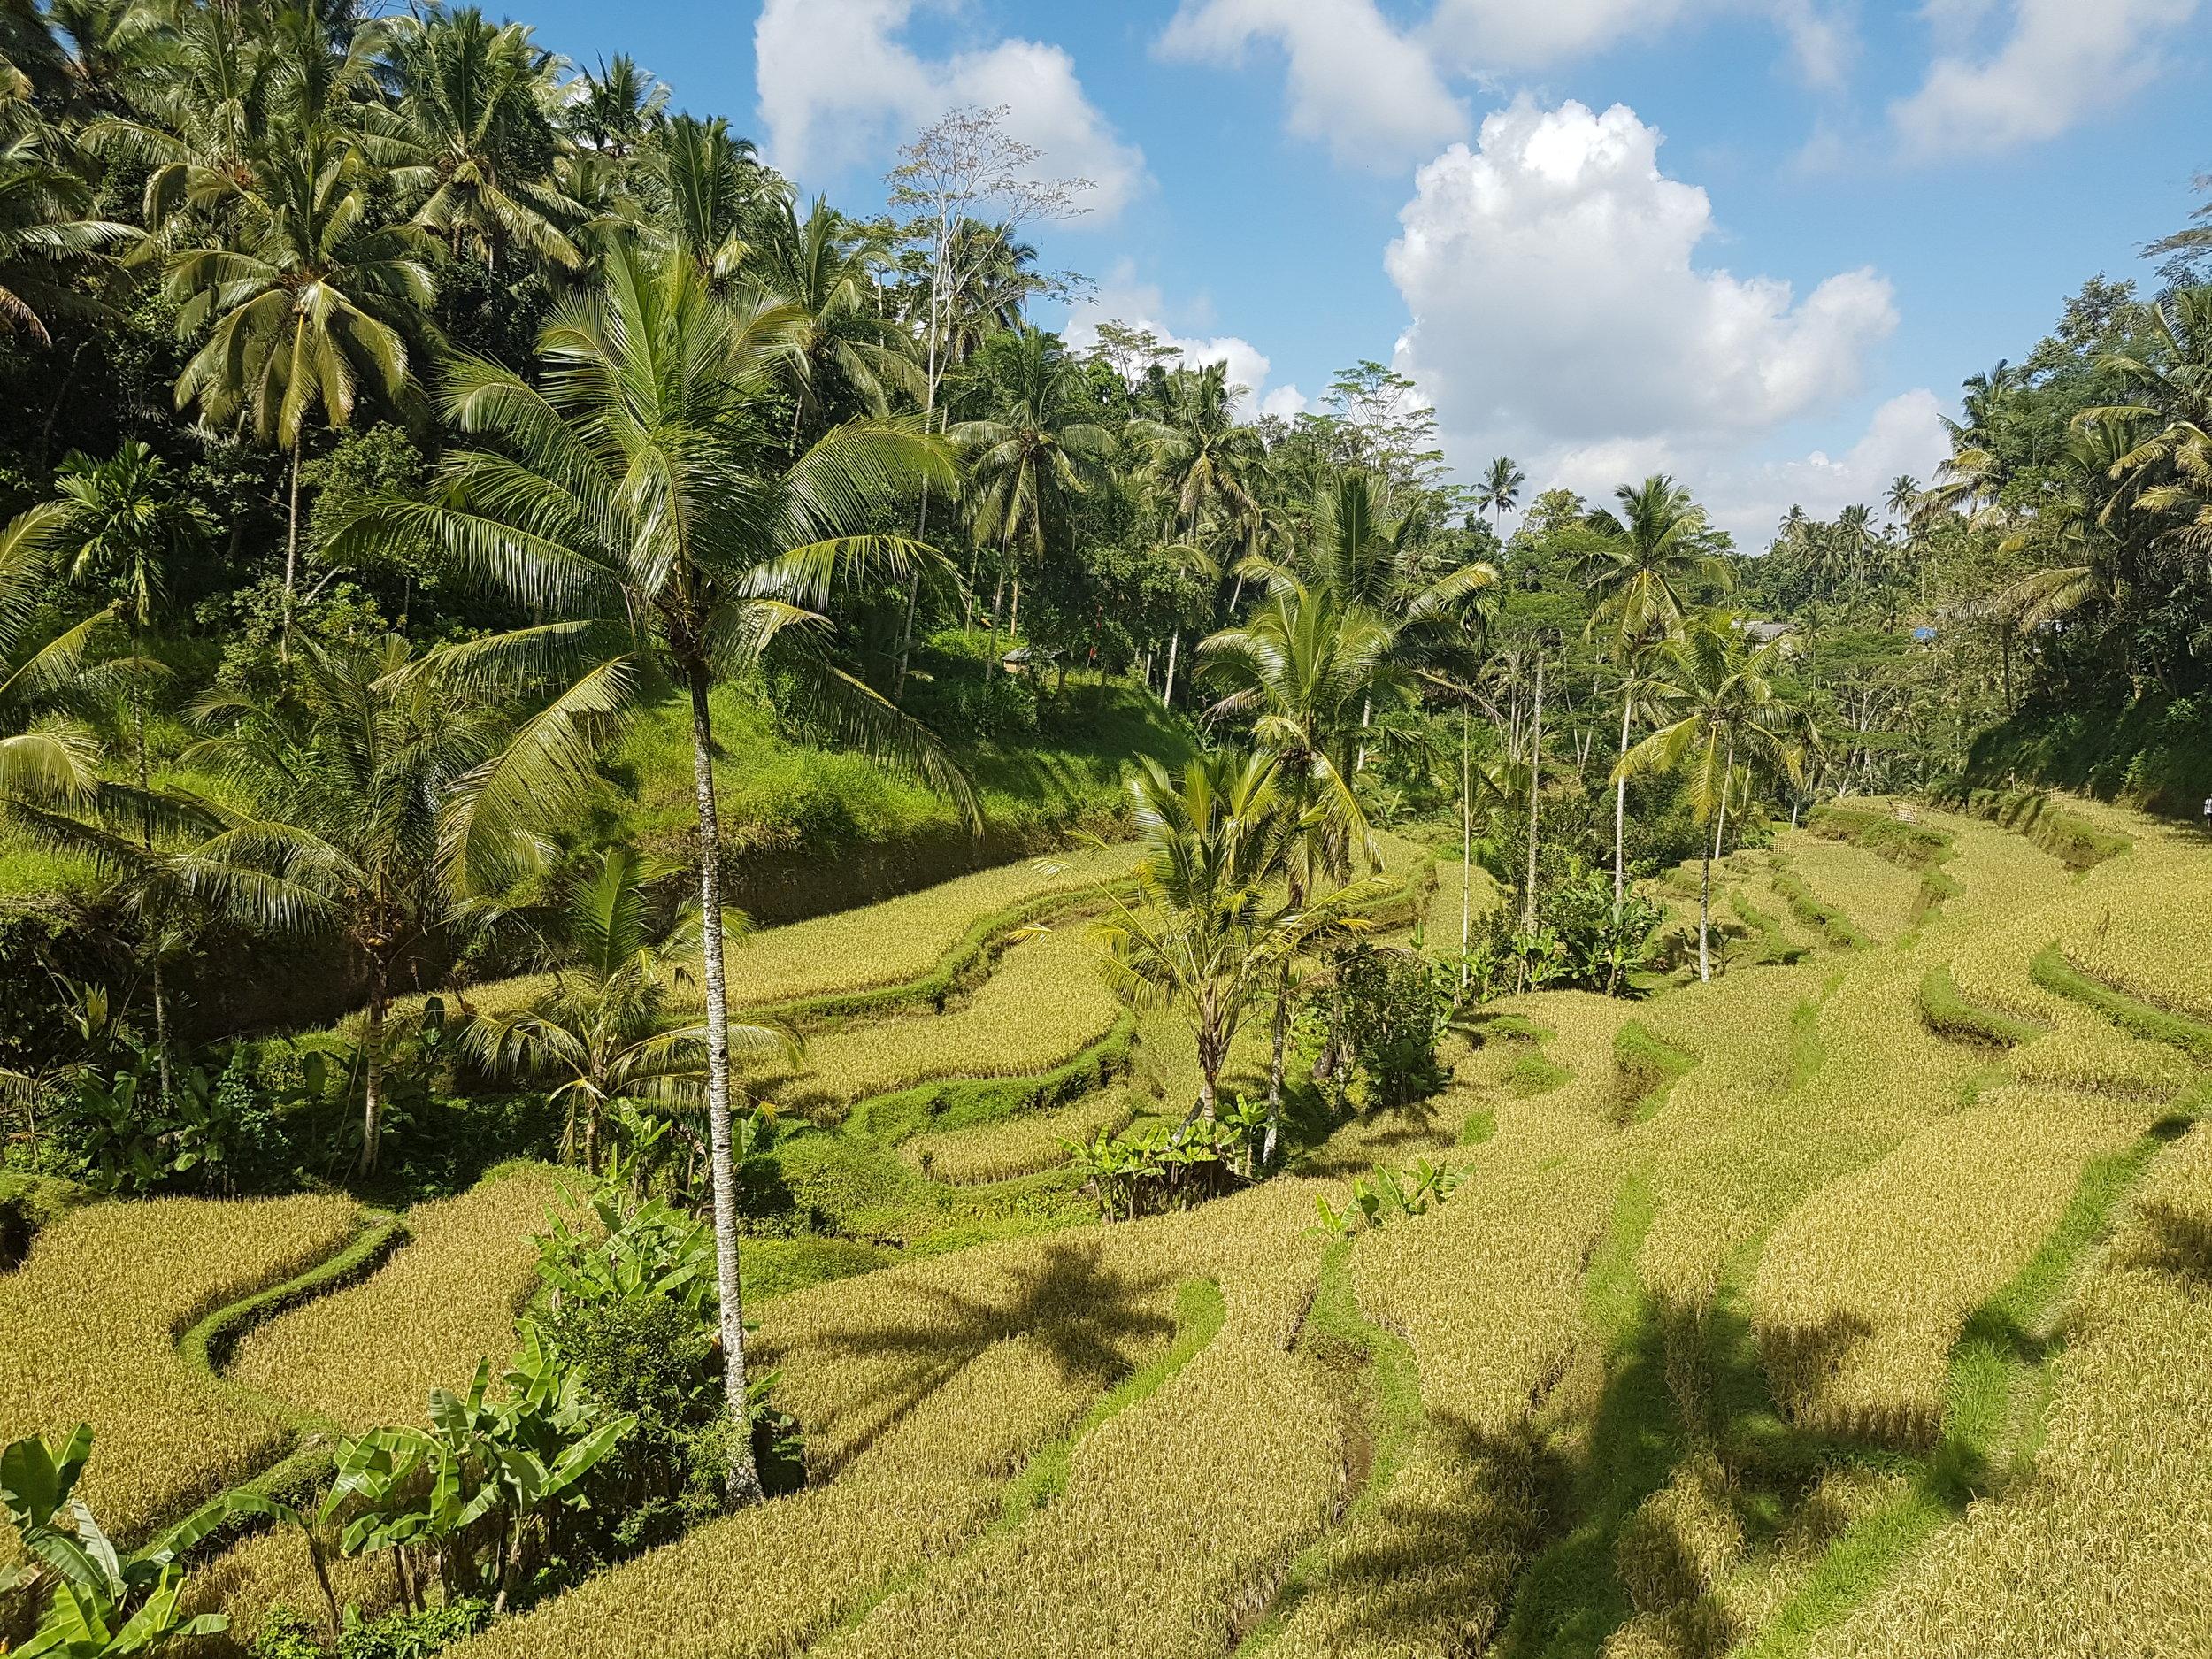 Tegallalang Rice Terraces, Ubud 2017